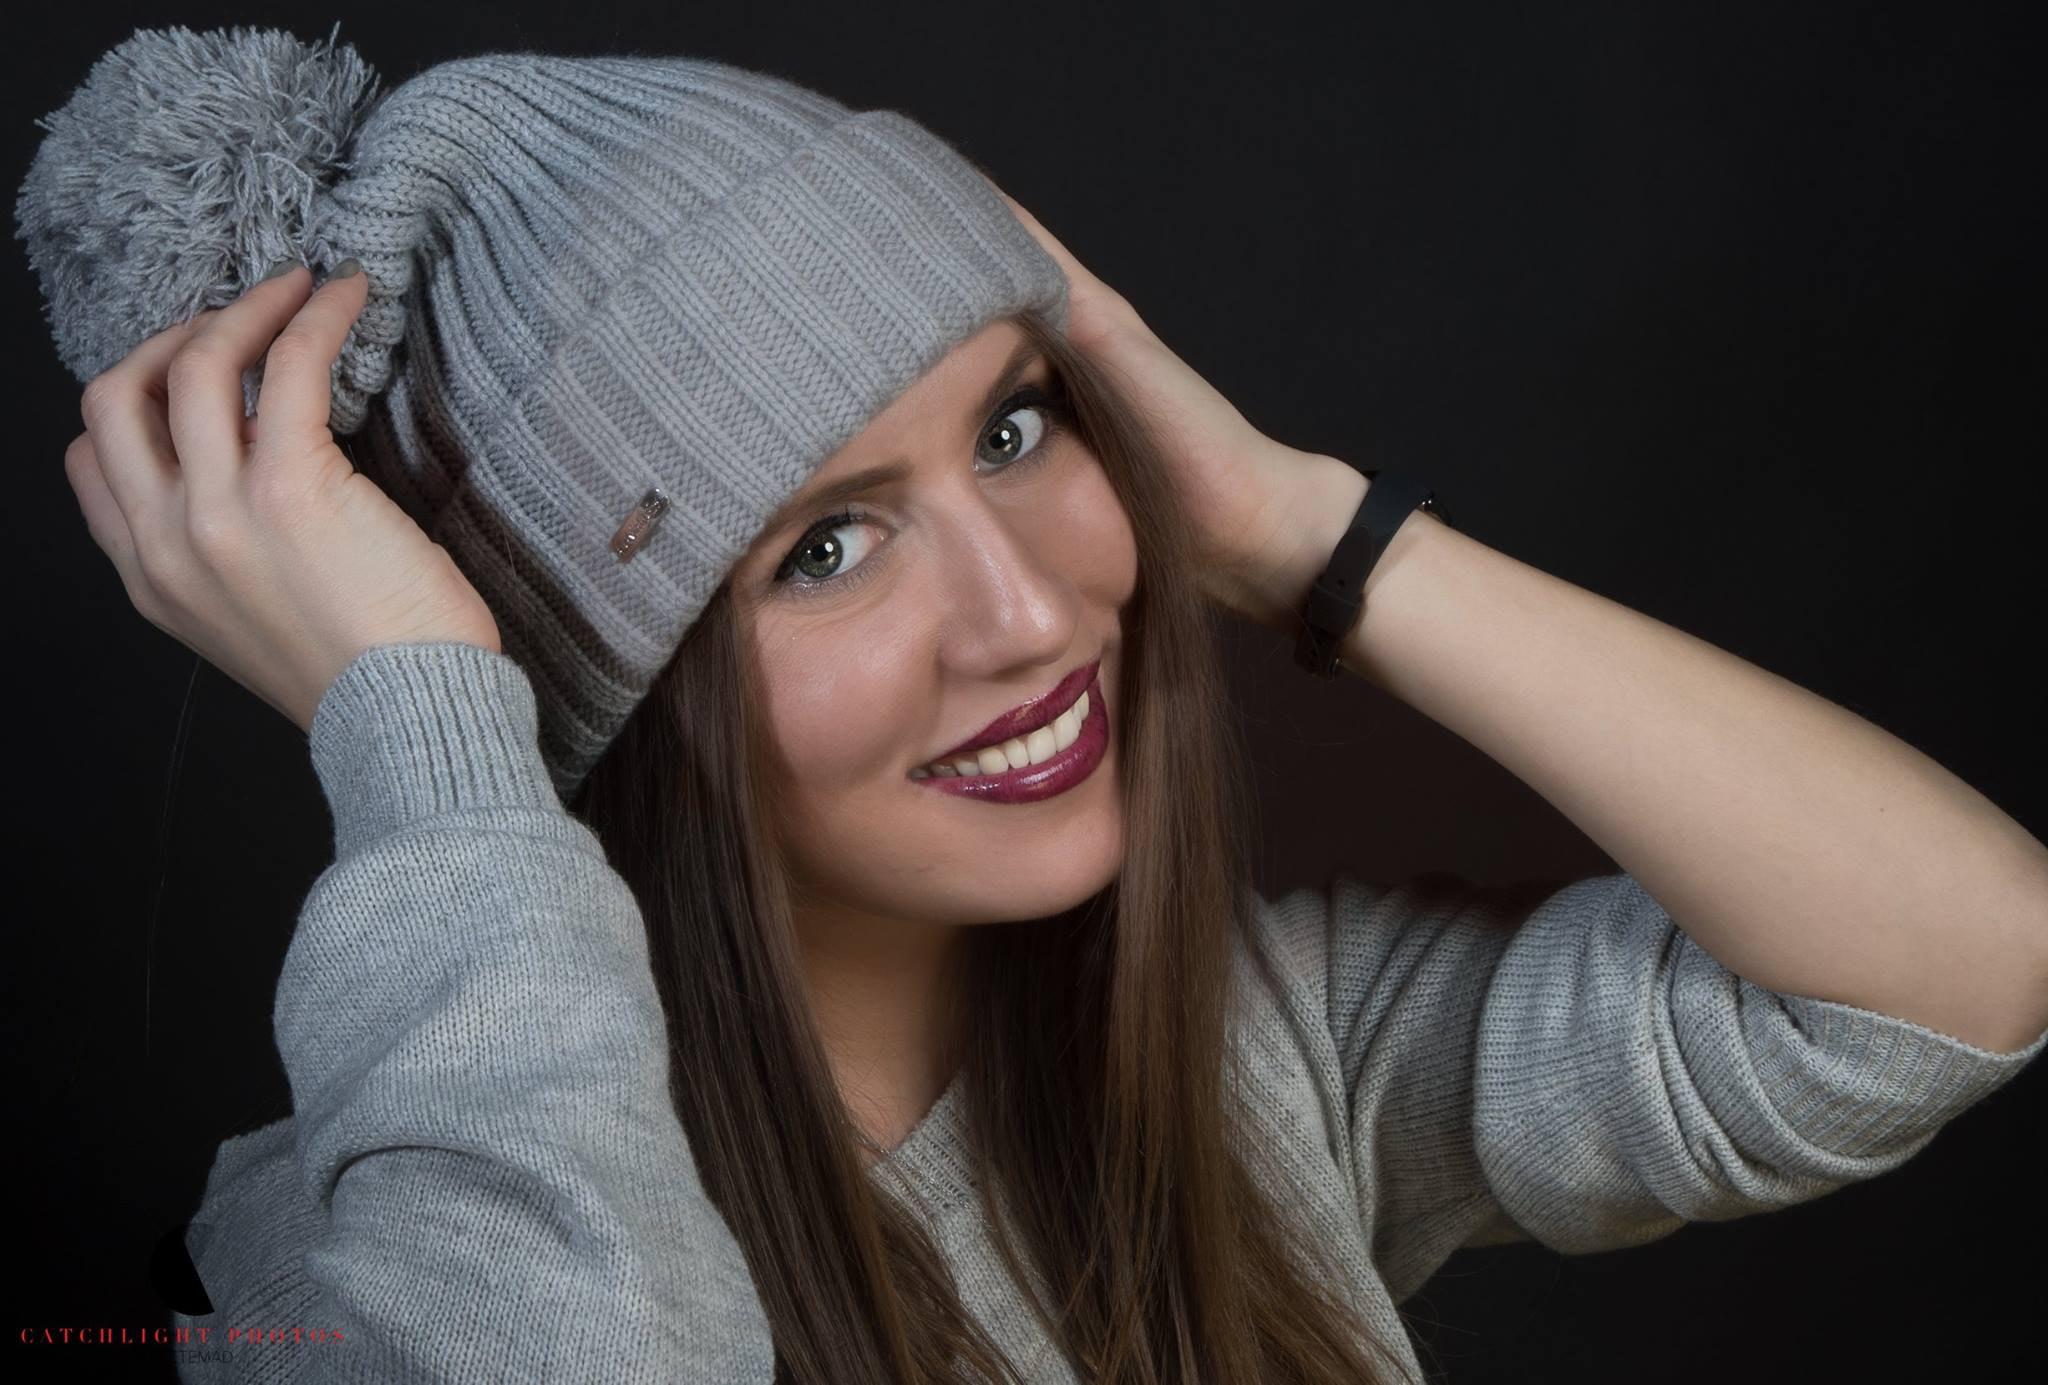 Yulka Mayatskaya's Model portfolio